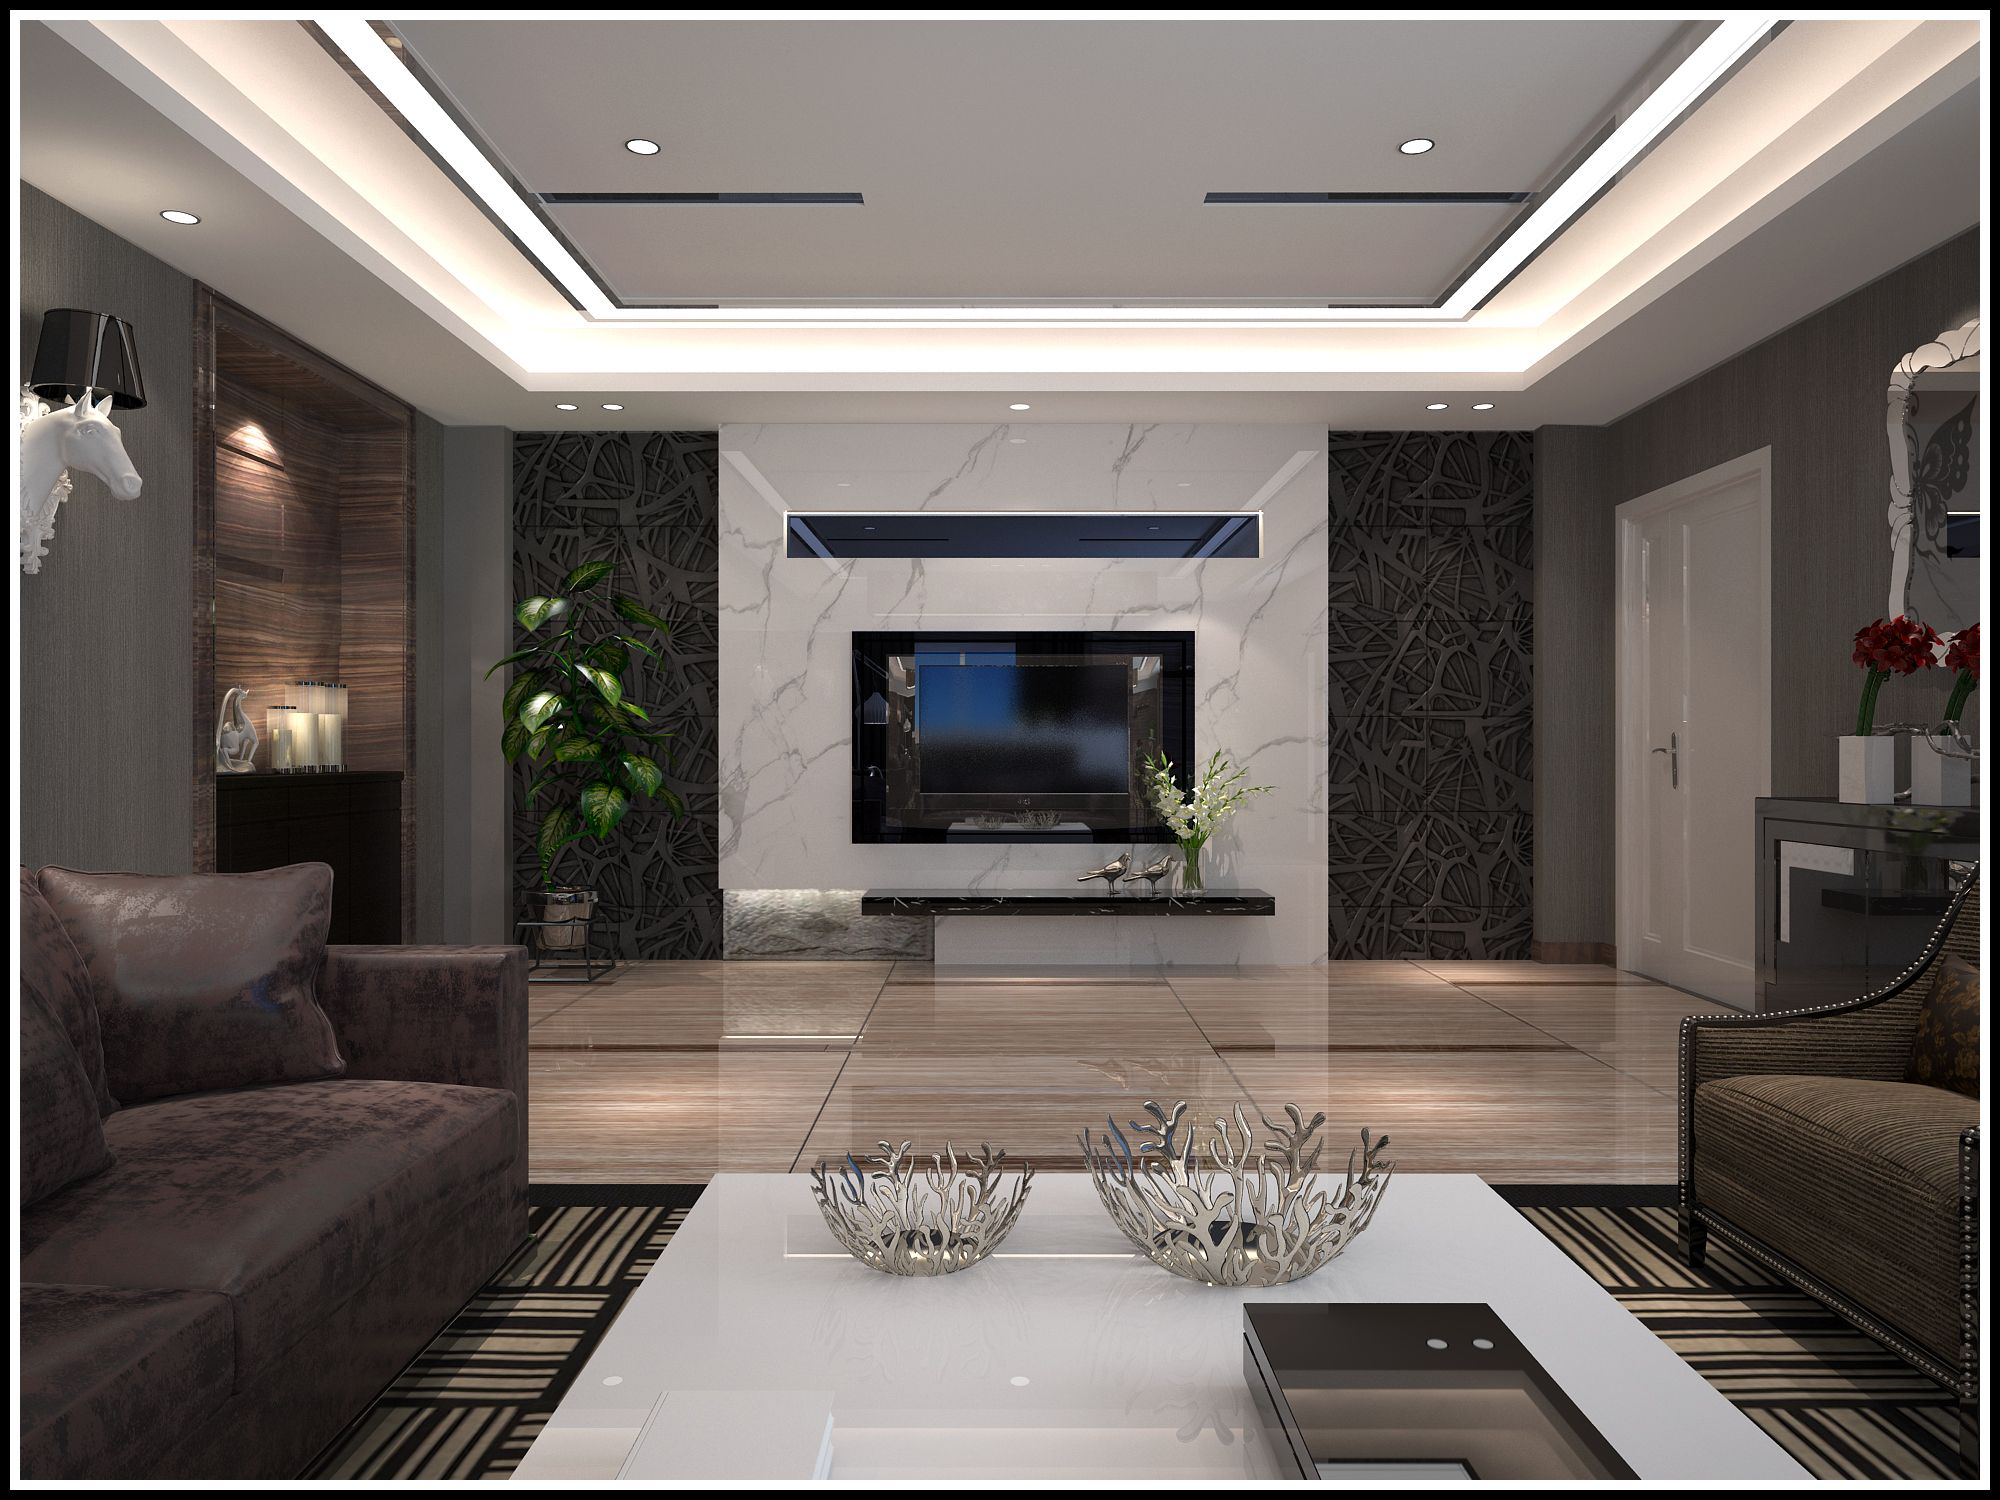 大面积的玻璃幕墙,室内外光光的四壁,毫无装饰的室内,理性的简洁,使